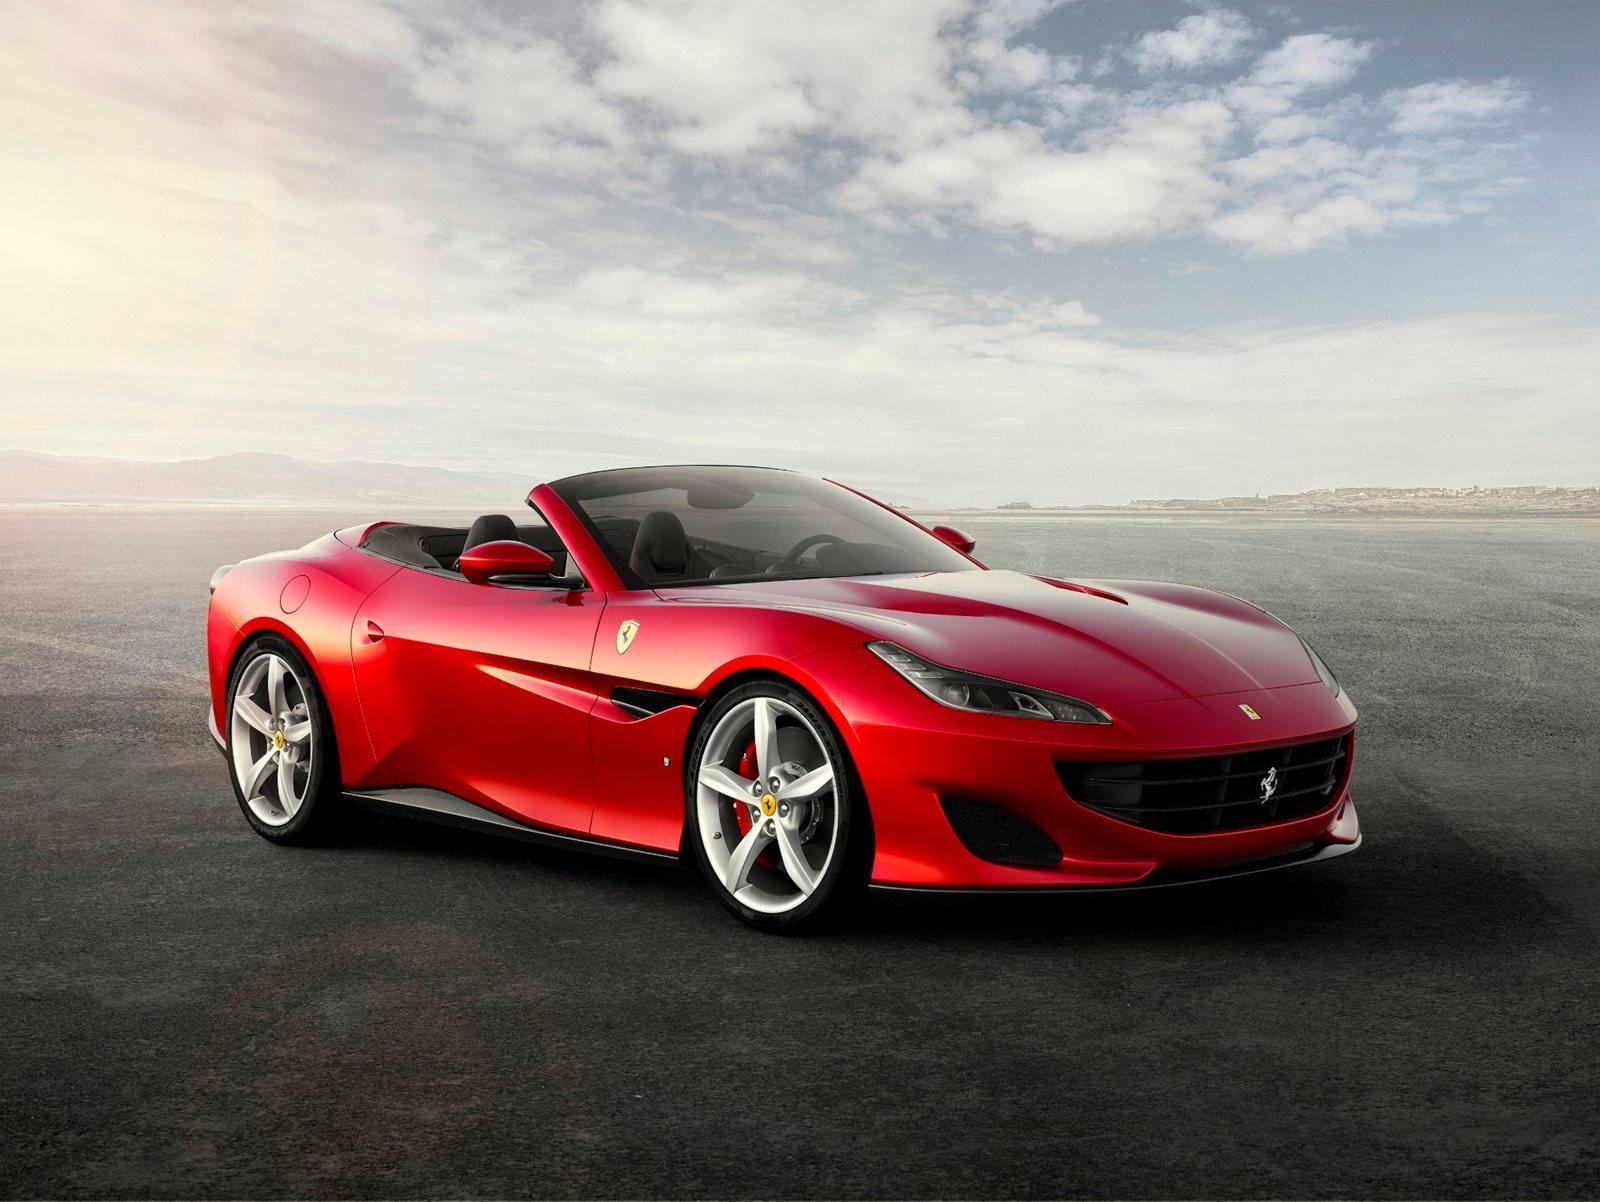 Red Ferrari Portofino M